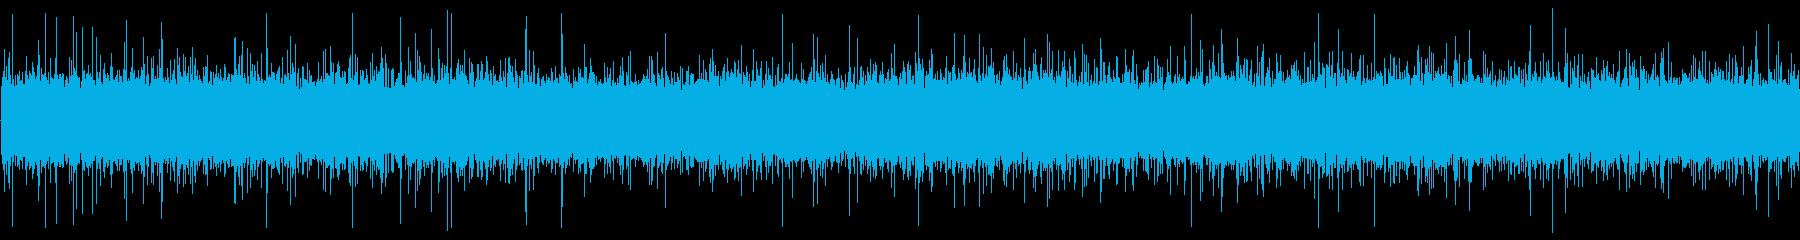 流れ水 水 クリークリップル01の再生済みの波形